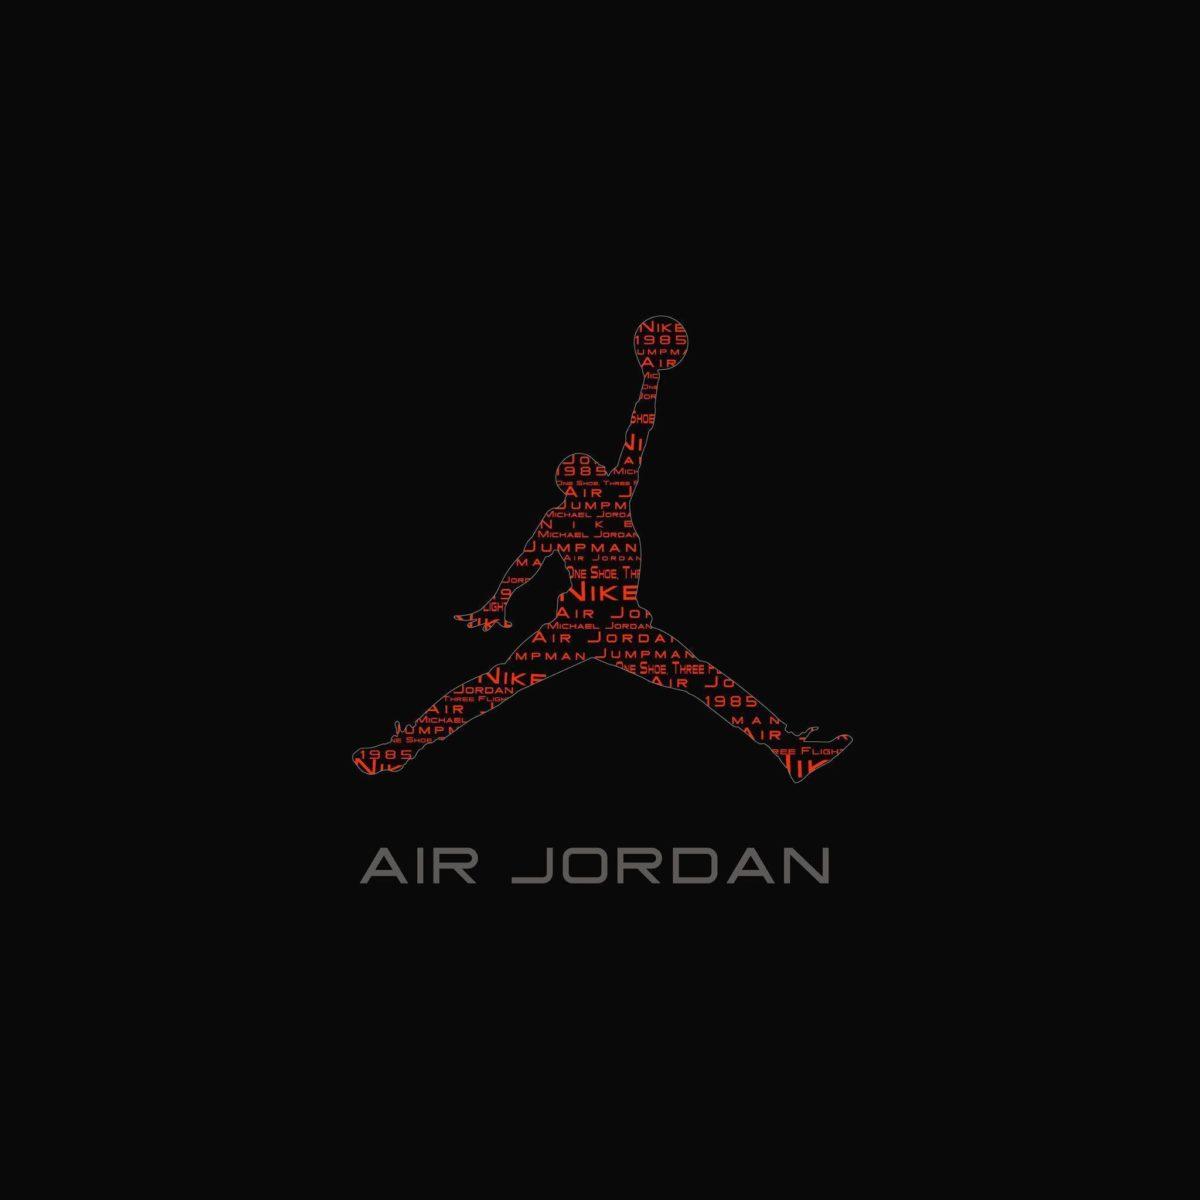 Air Jordan iPhone Wallpaper – WallpaperSafari